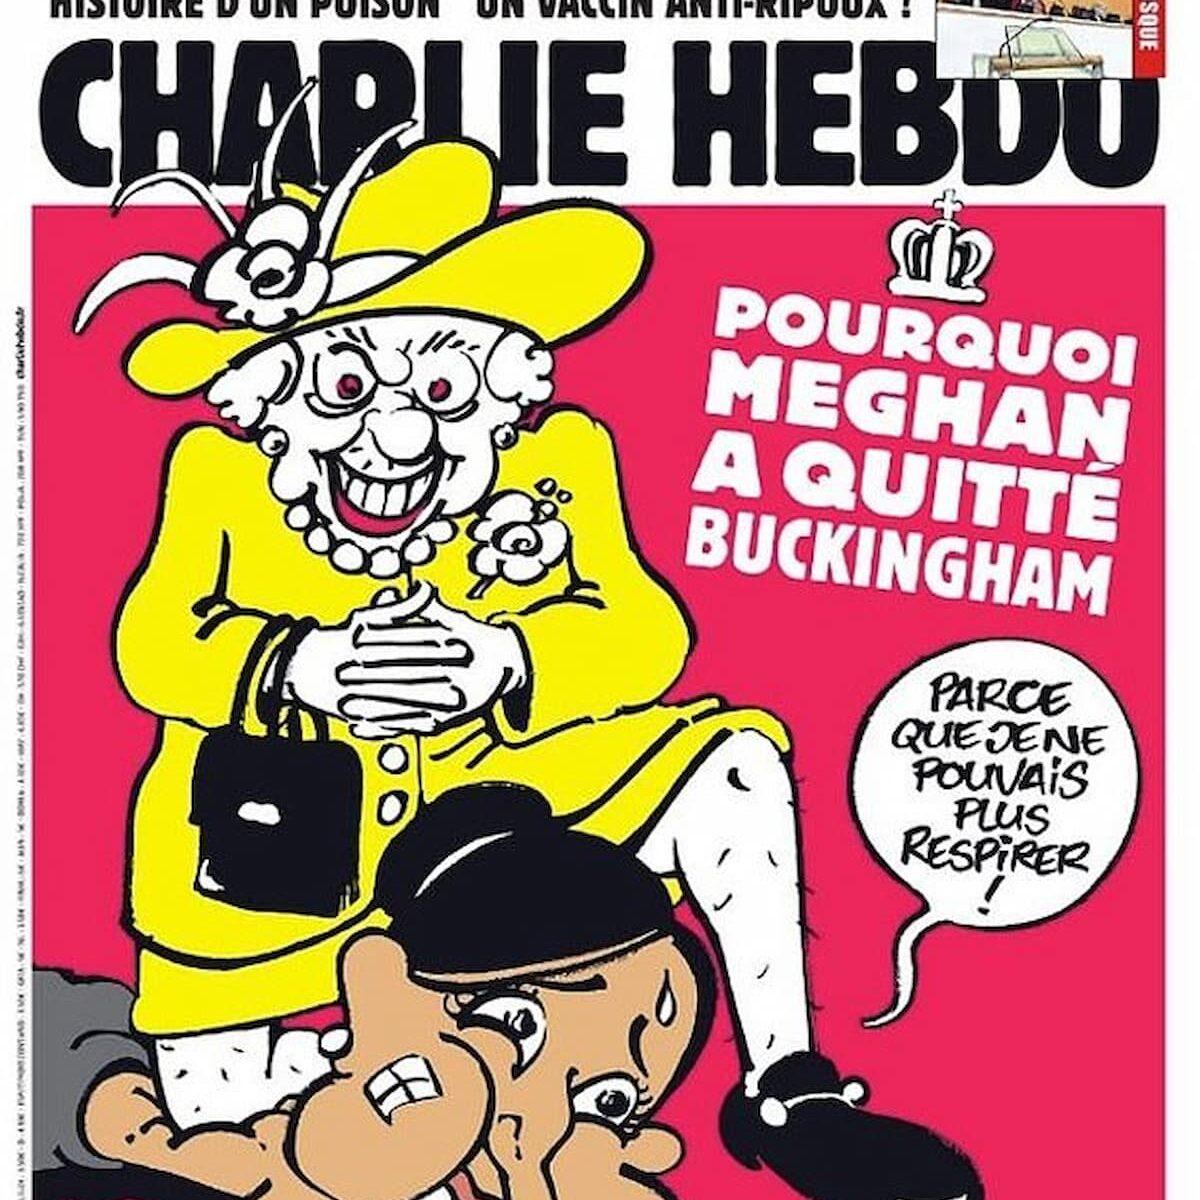 AstraZeneca è sicuro? Tanti hanno paura; gli inglesi soffrono per la vignetta di Charlie Hebdo e Enrico Letta, promette tanti voti a Salvini